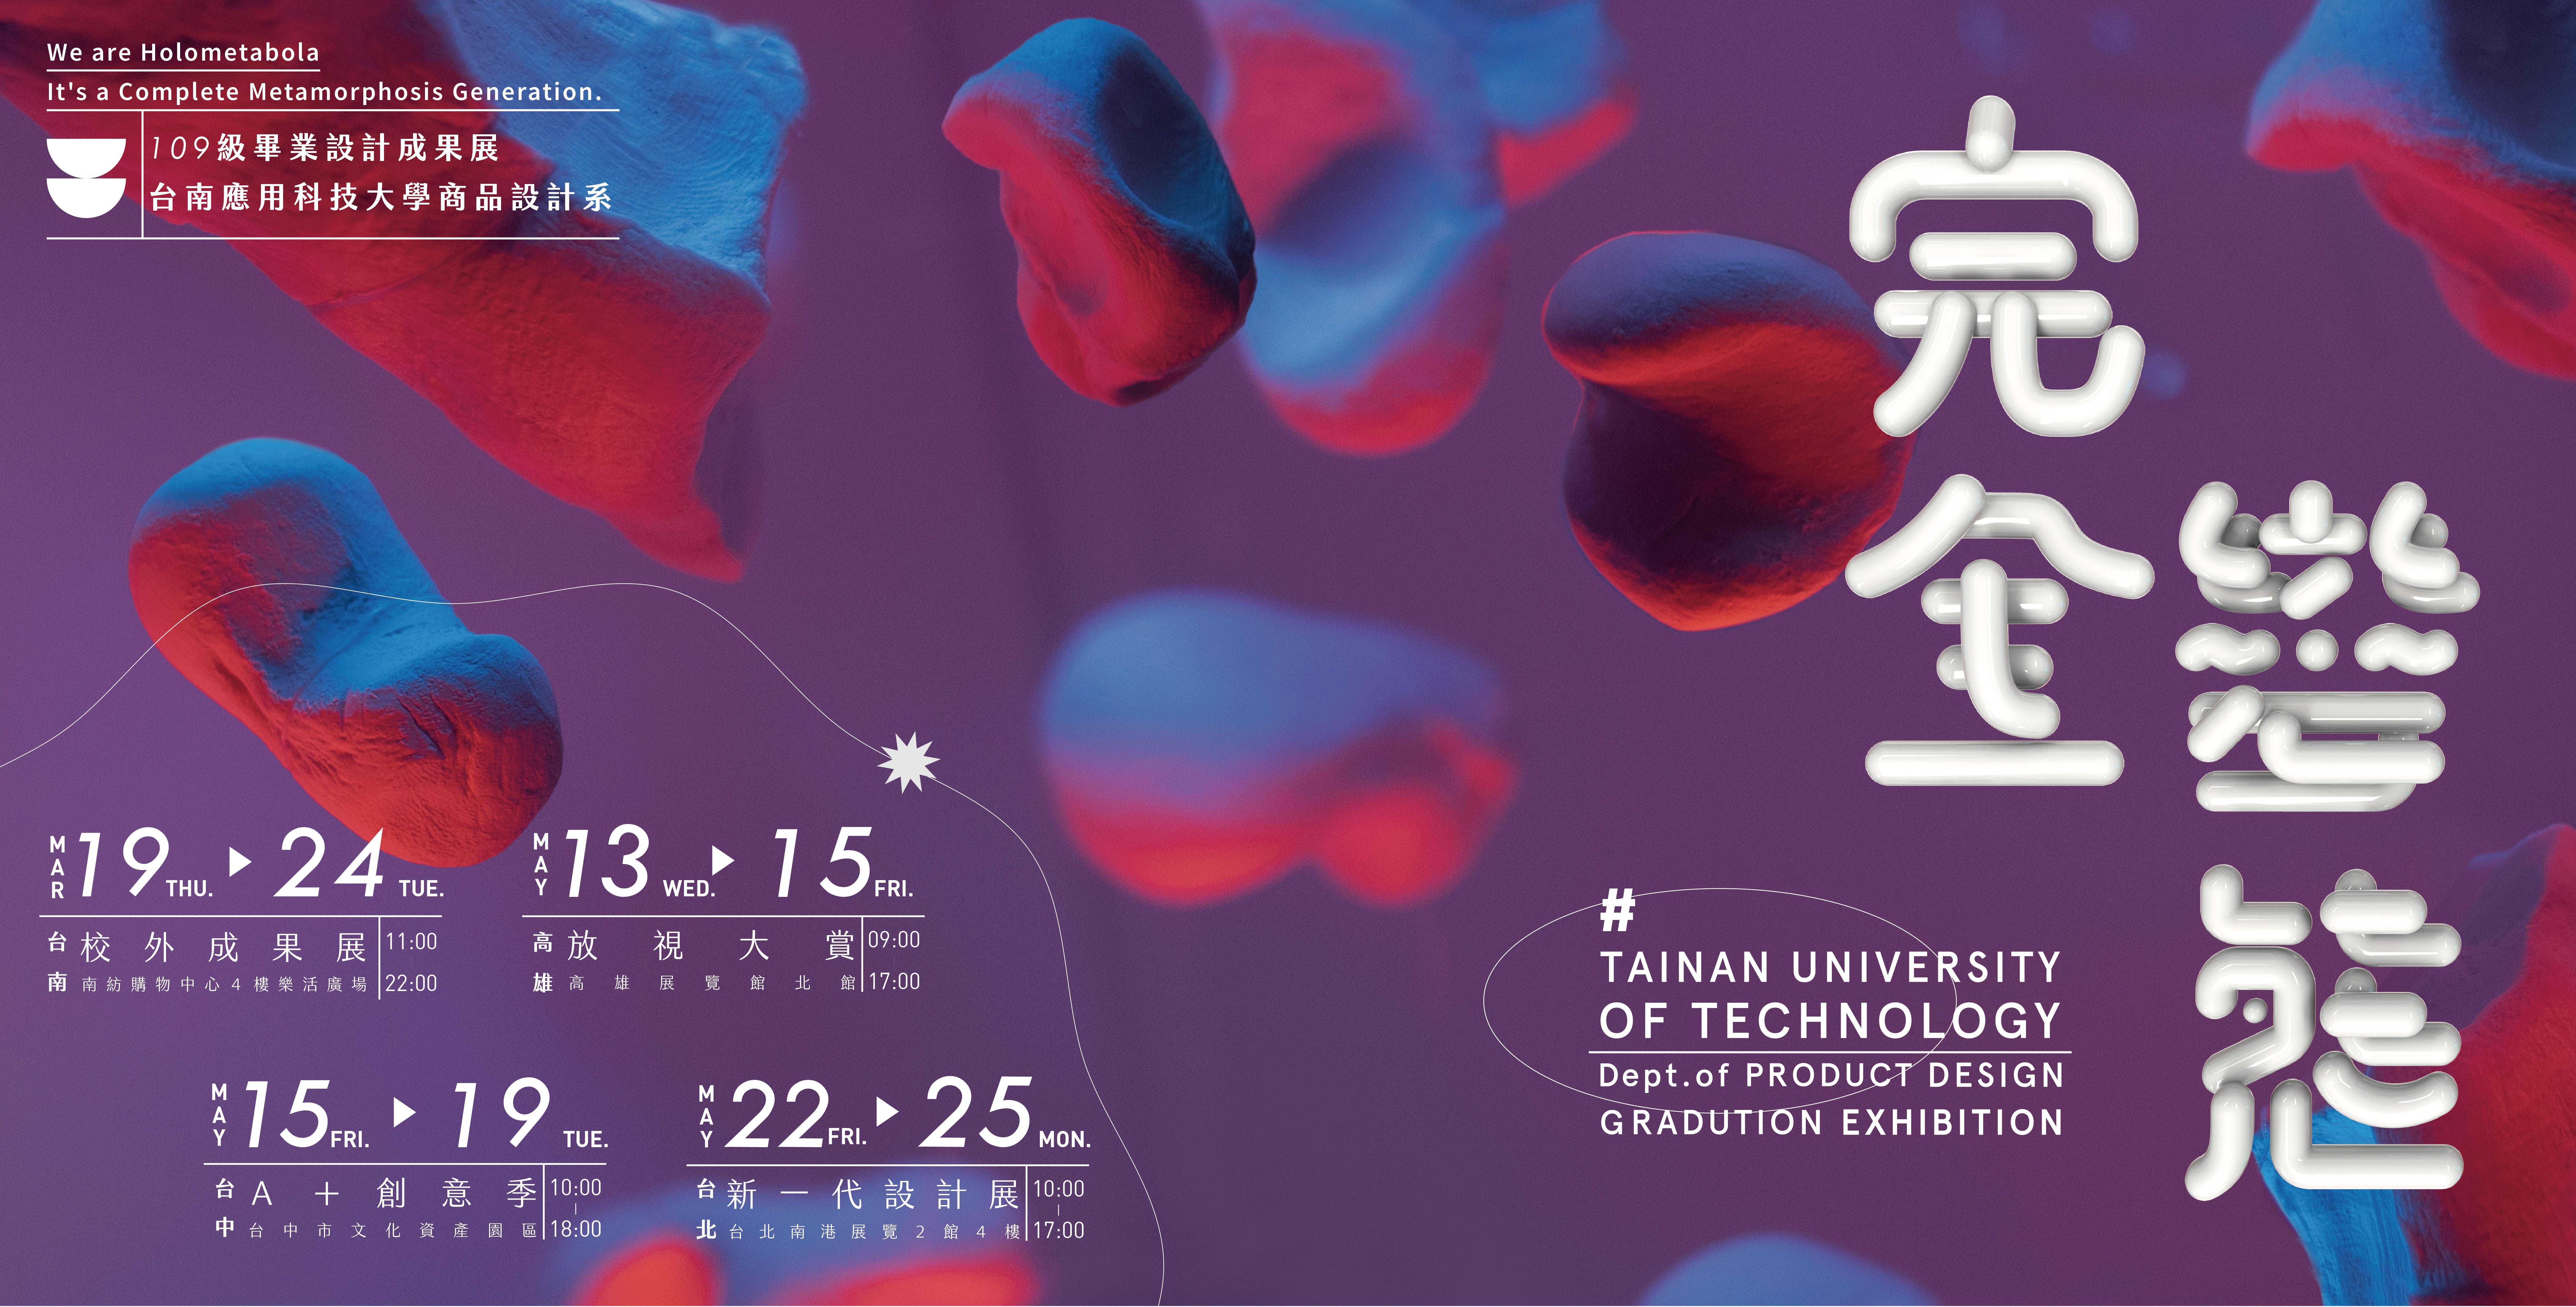 台南應用科技大學 109級商品設計系 畢業成果展「 完全變態 」